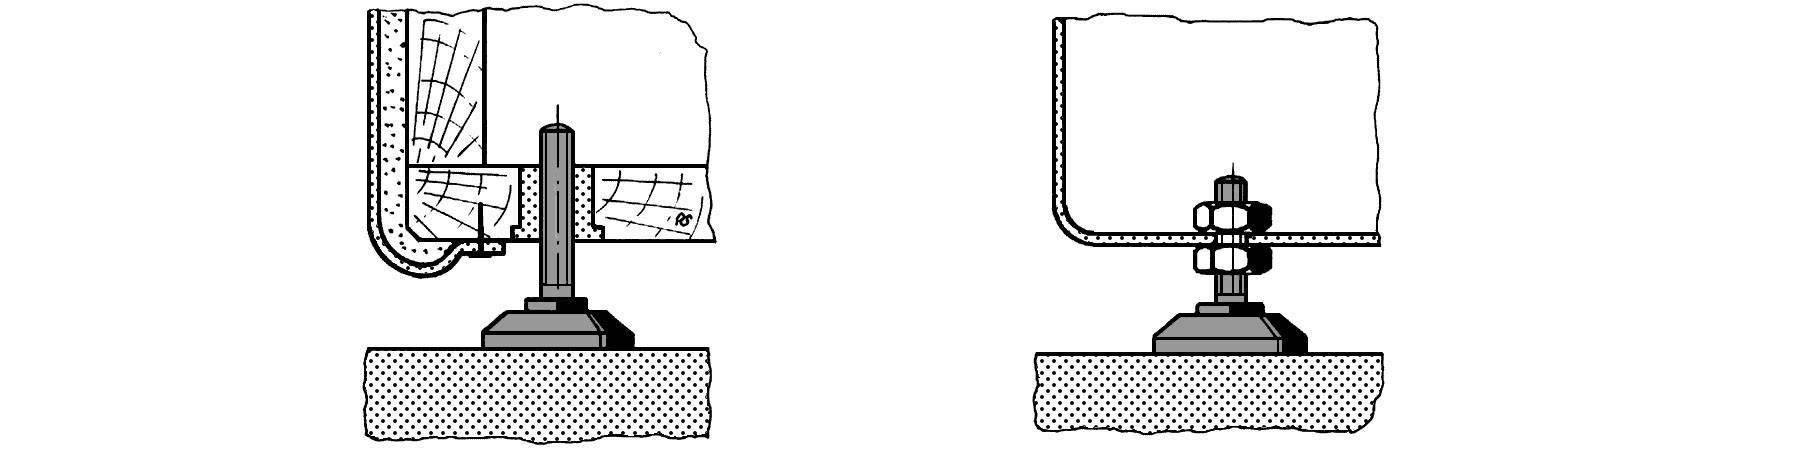 Podstavná nožka přístrojová PB Fastener 148 3005 699 11, (Ø x v) 38 mm x 60 mm, černá, 1 ks